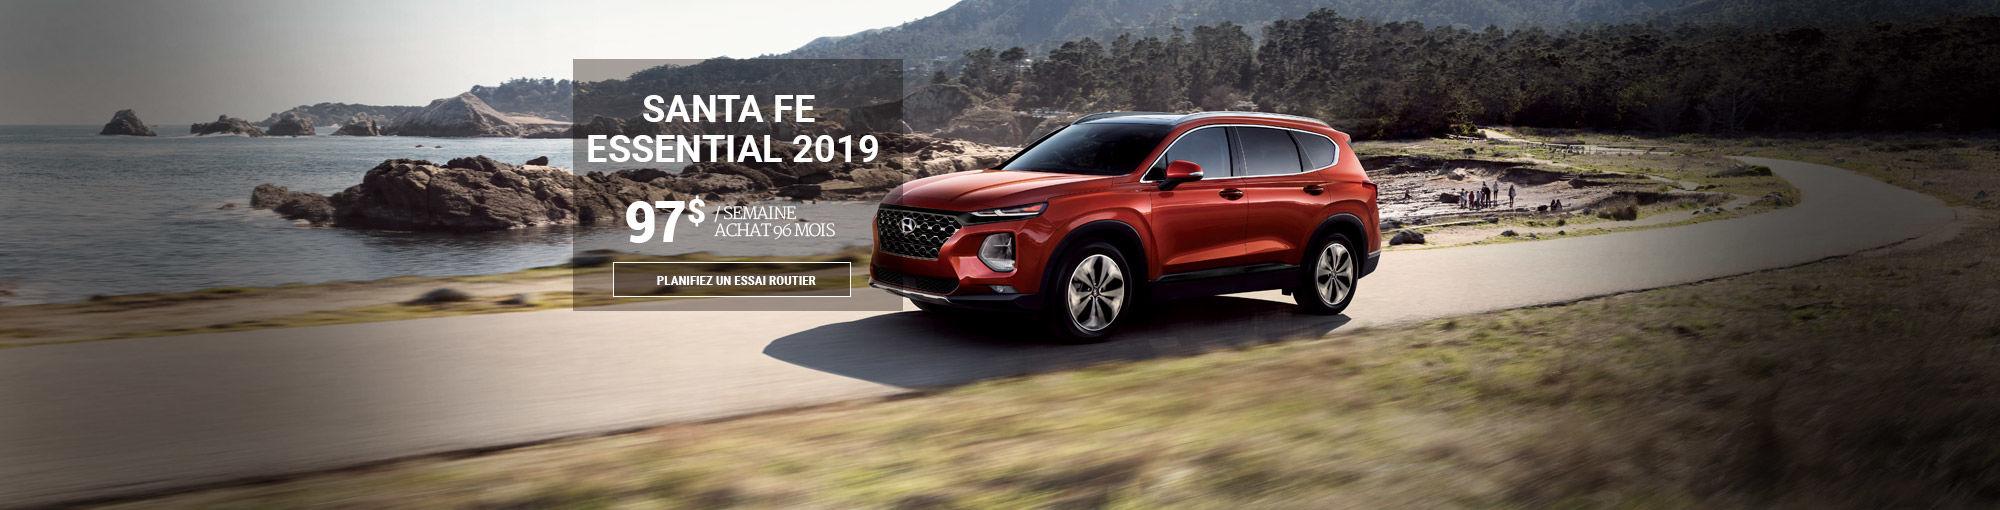 Hyundai Santa Fe 2019 header octobre